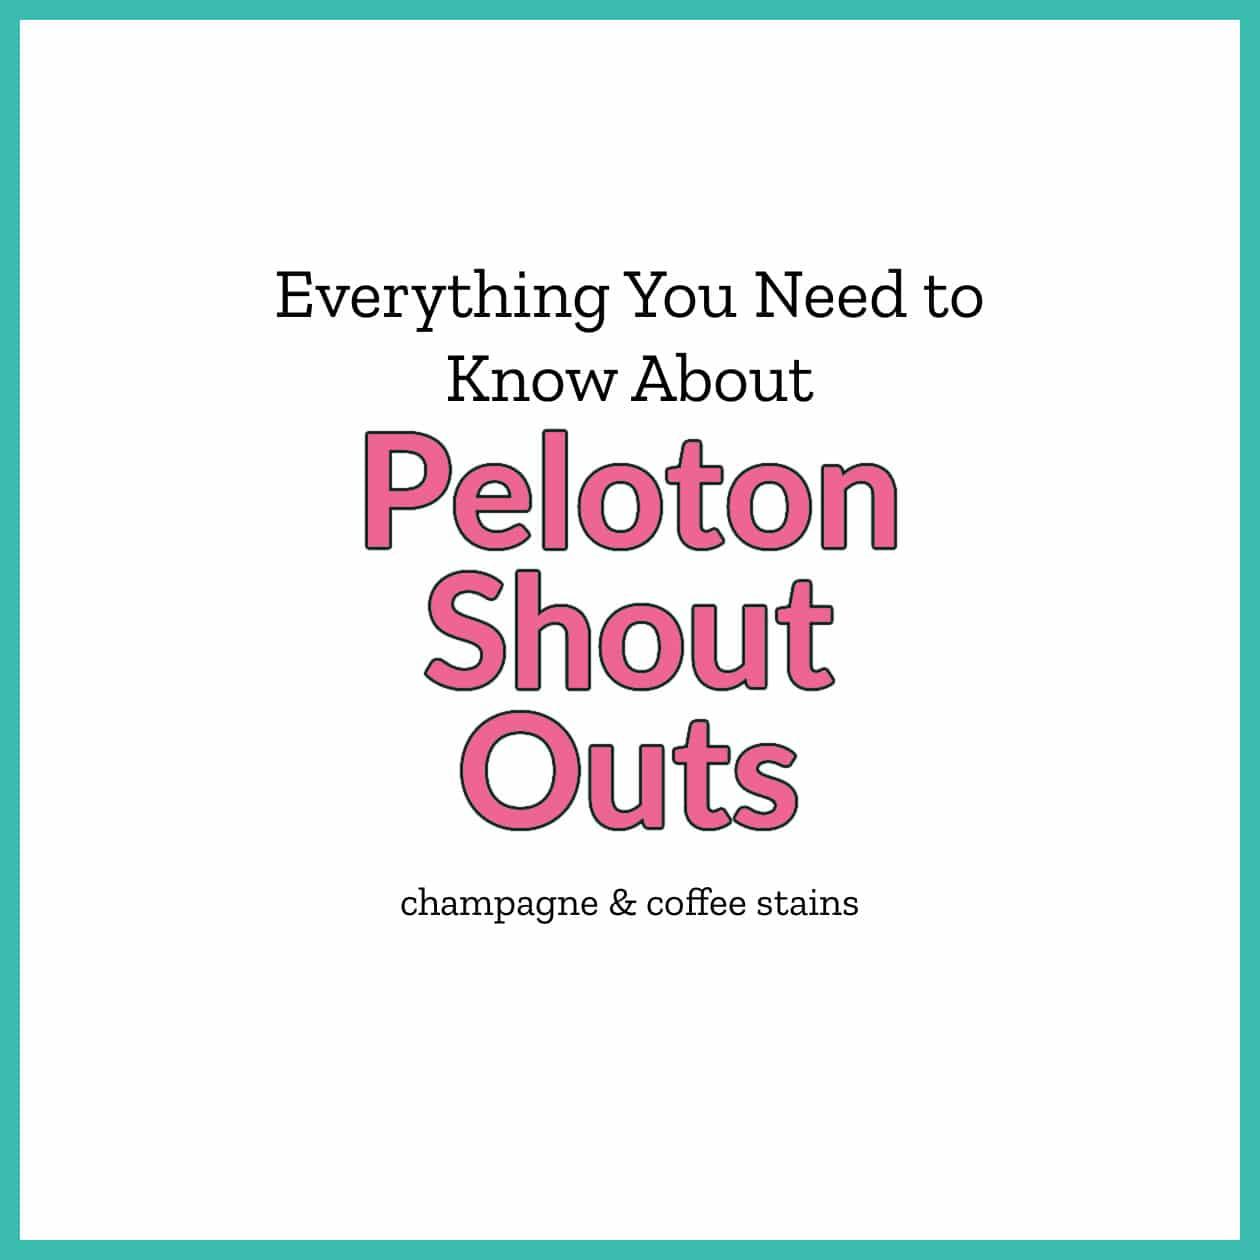 peloton shout out guide